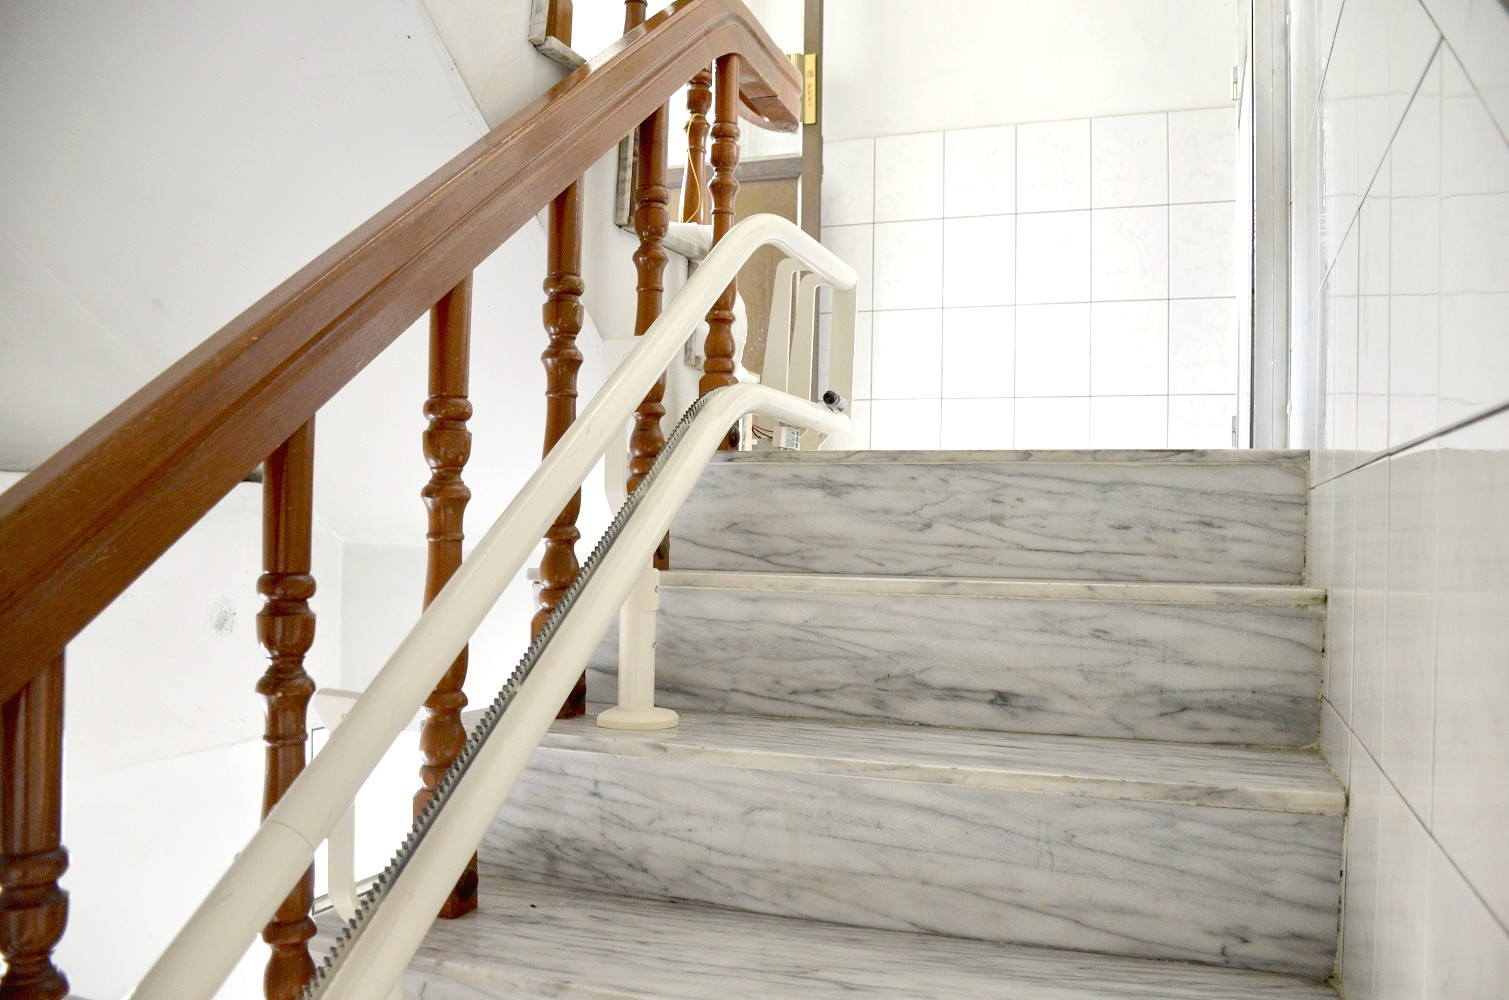 樓梯椅軌道緊鄰扶手,不佔用樓梯的使用空間